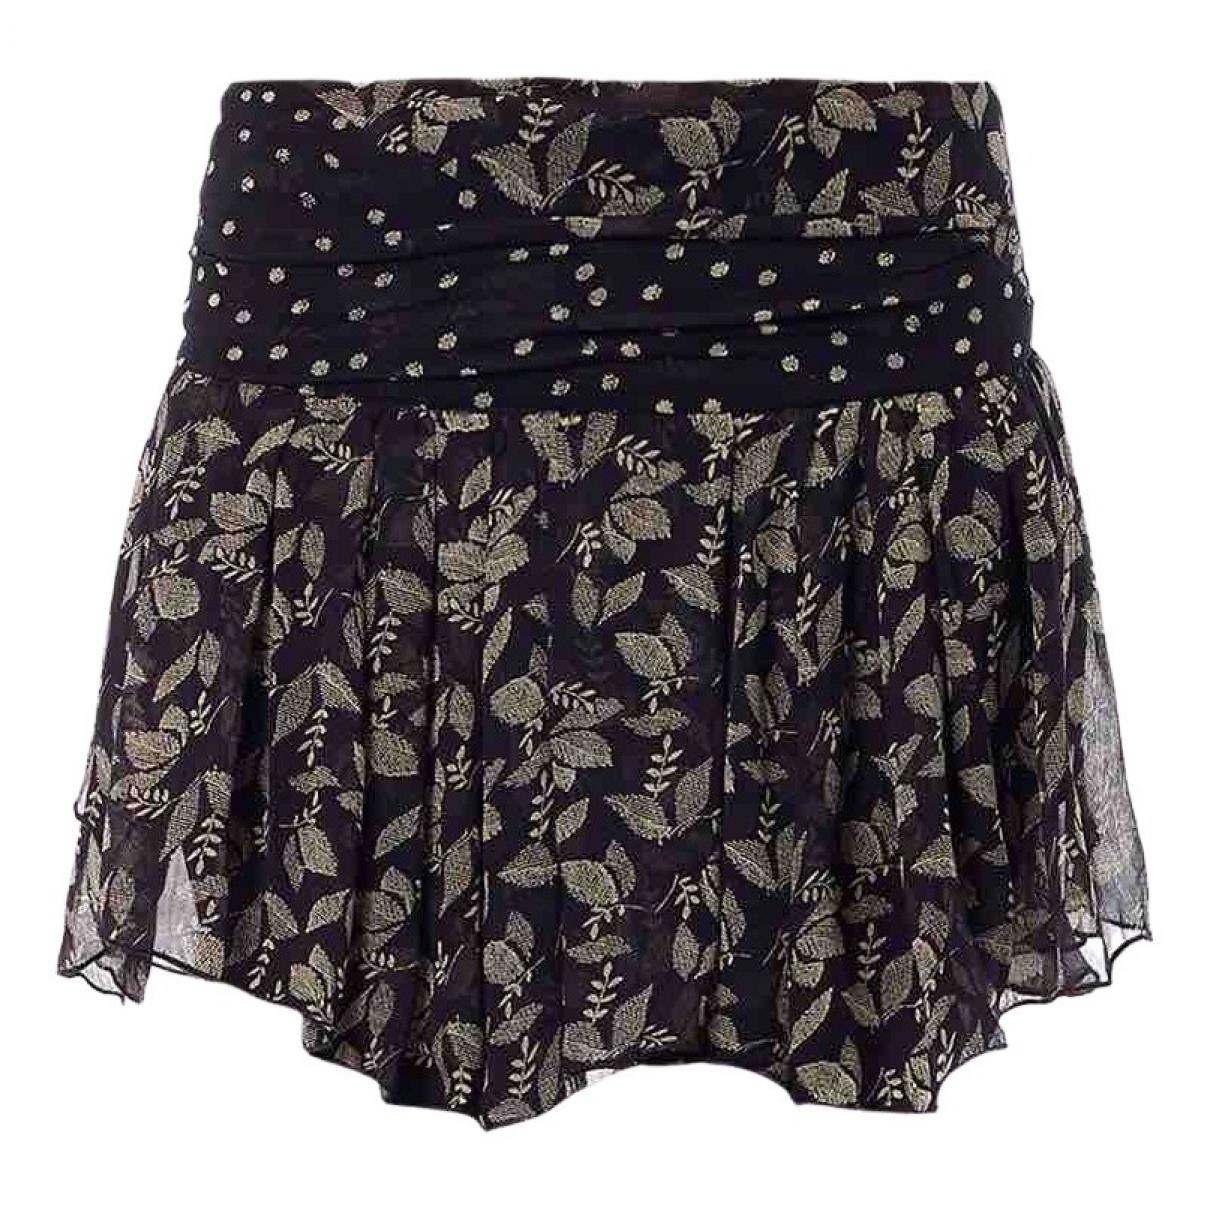 Isabel Marant Etoile \N Black skirt for Women 40 FR